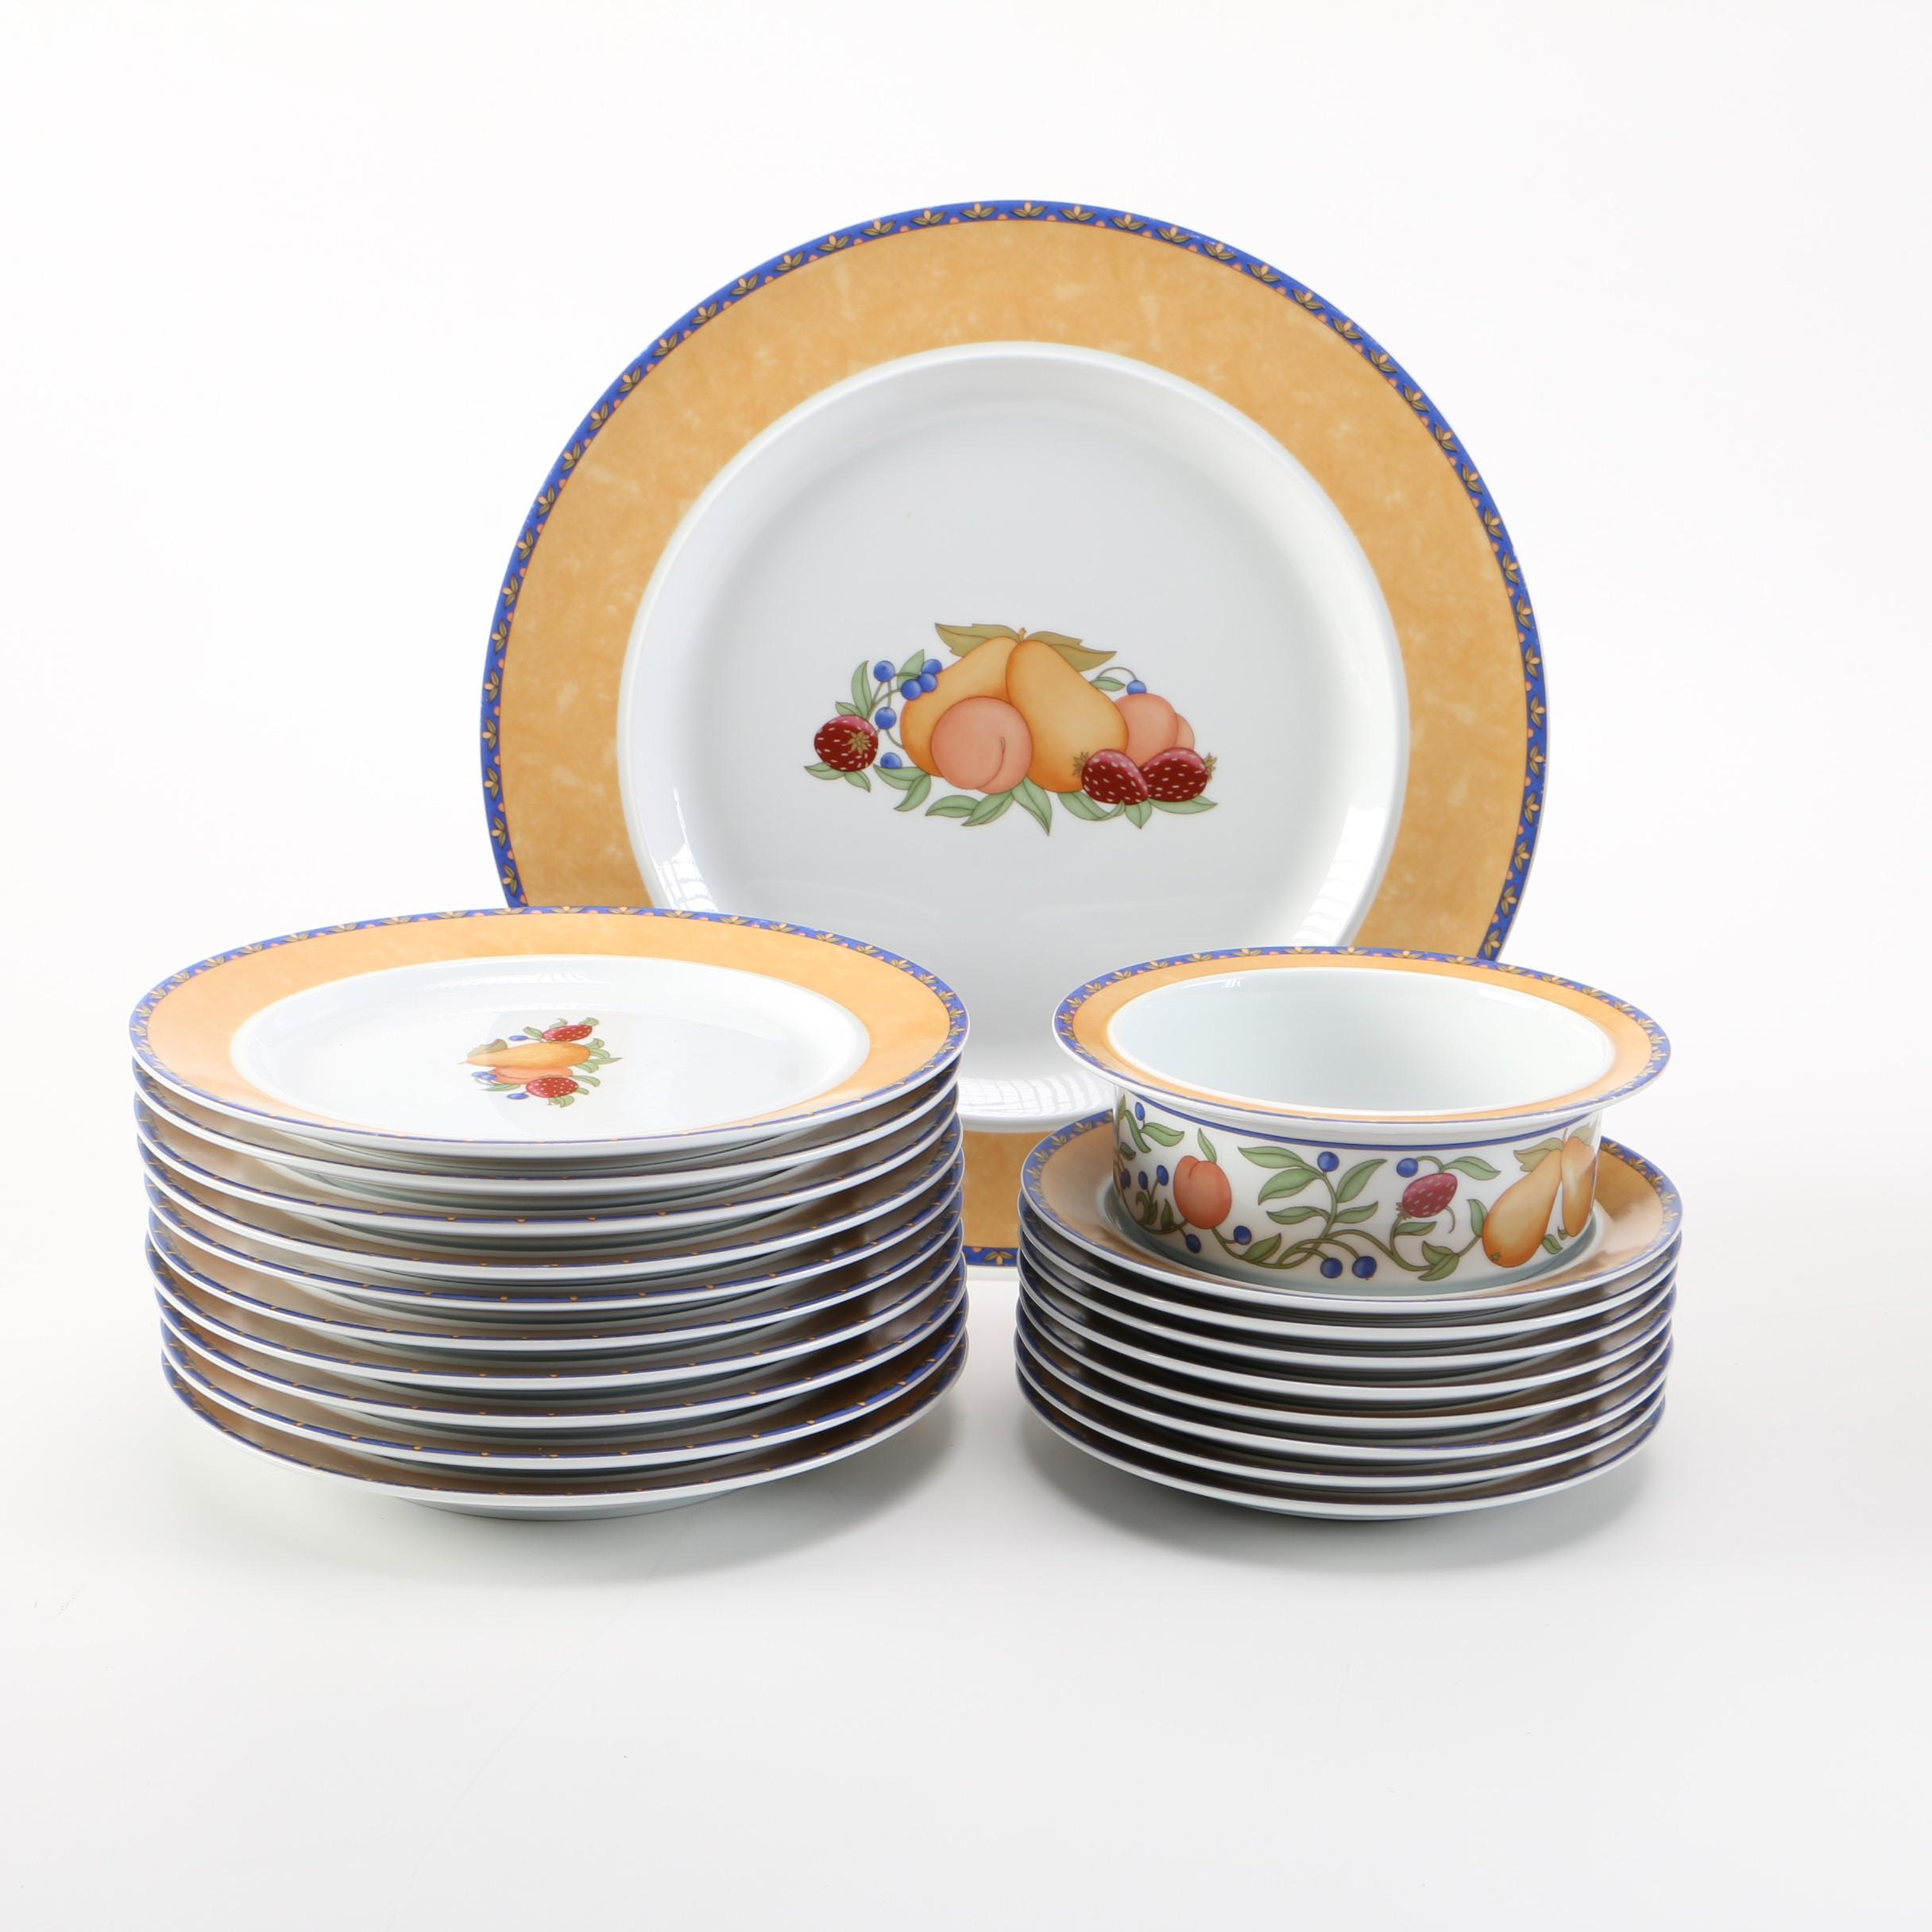 Dansk Fiance Fruit Dinnerware ...  sc 1 st  EBTH.com & Dansk Fiance Fruit Dinnerware : EBTH